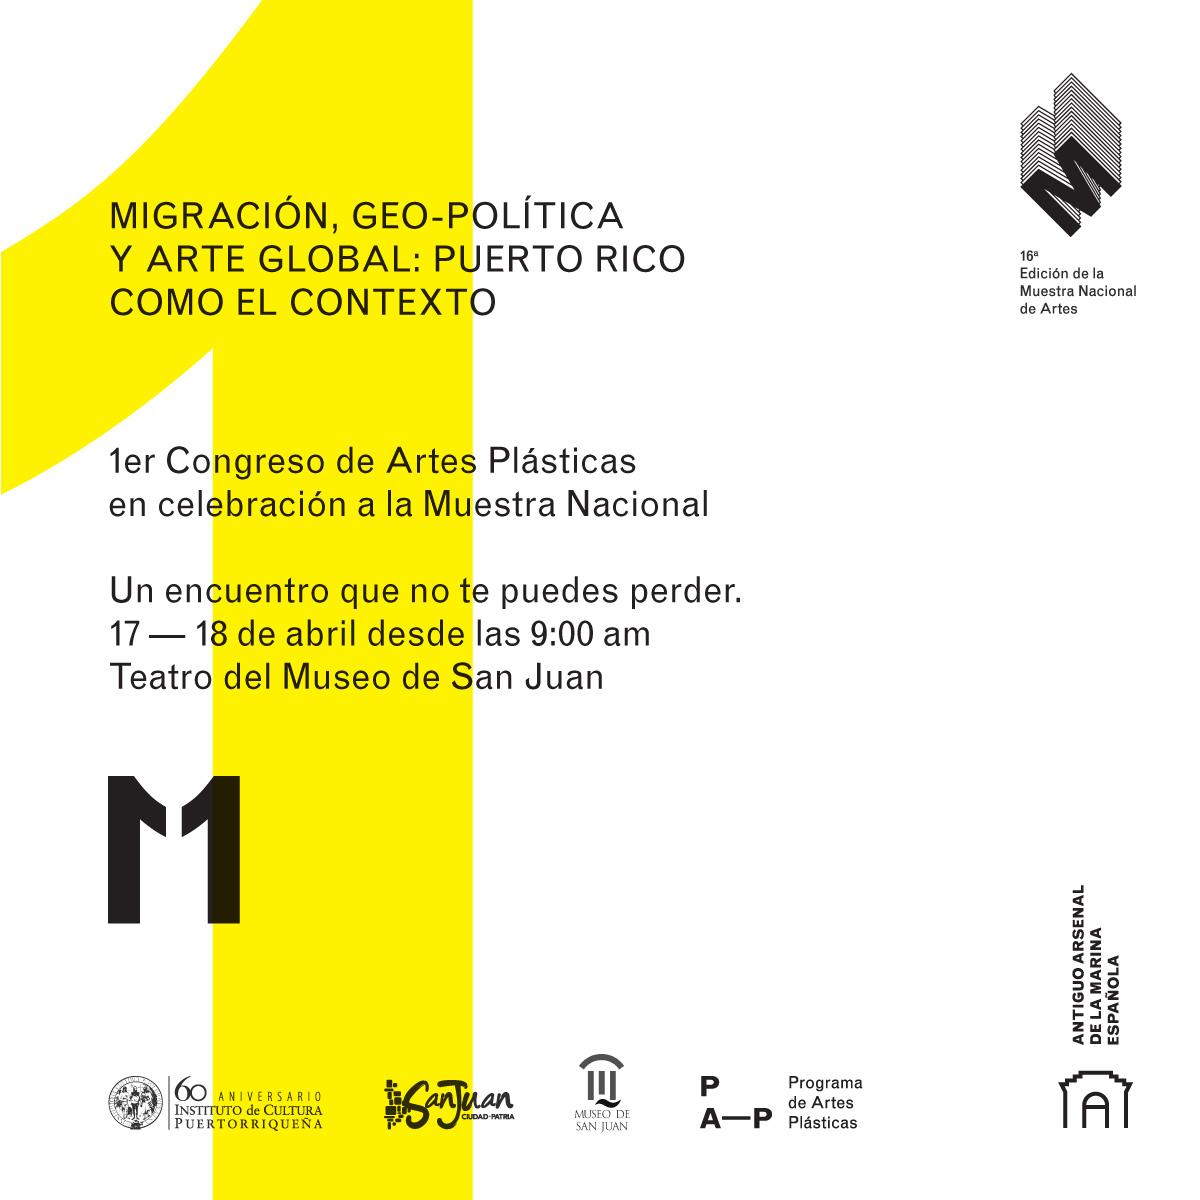 Congreso de Artes Plasticas